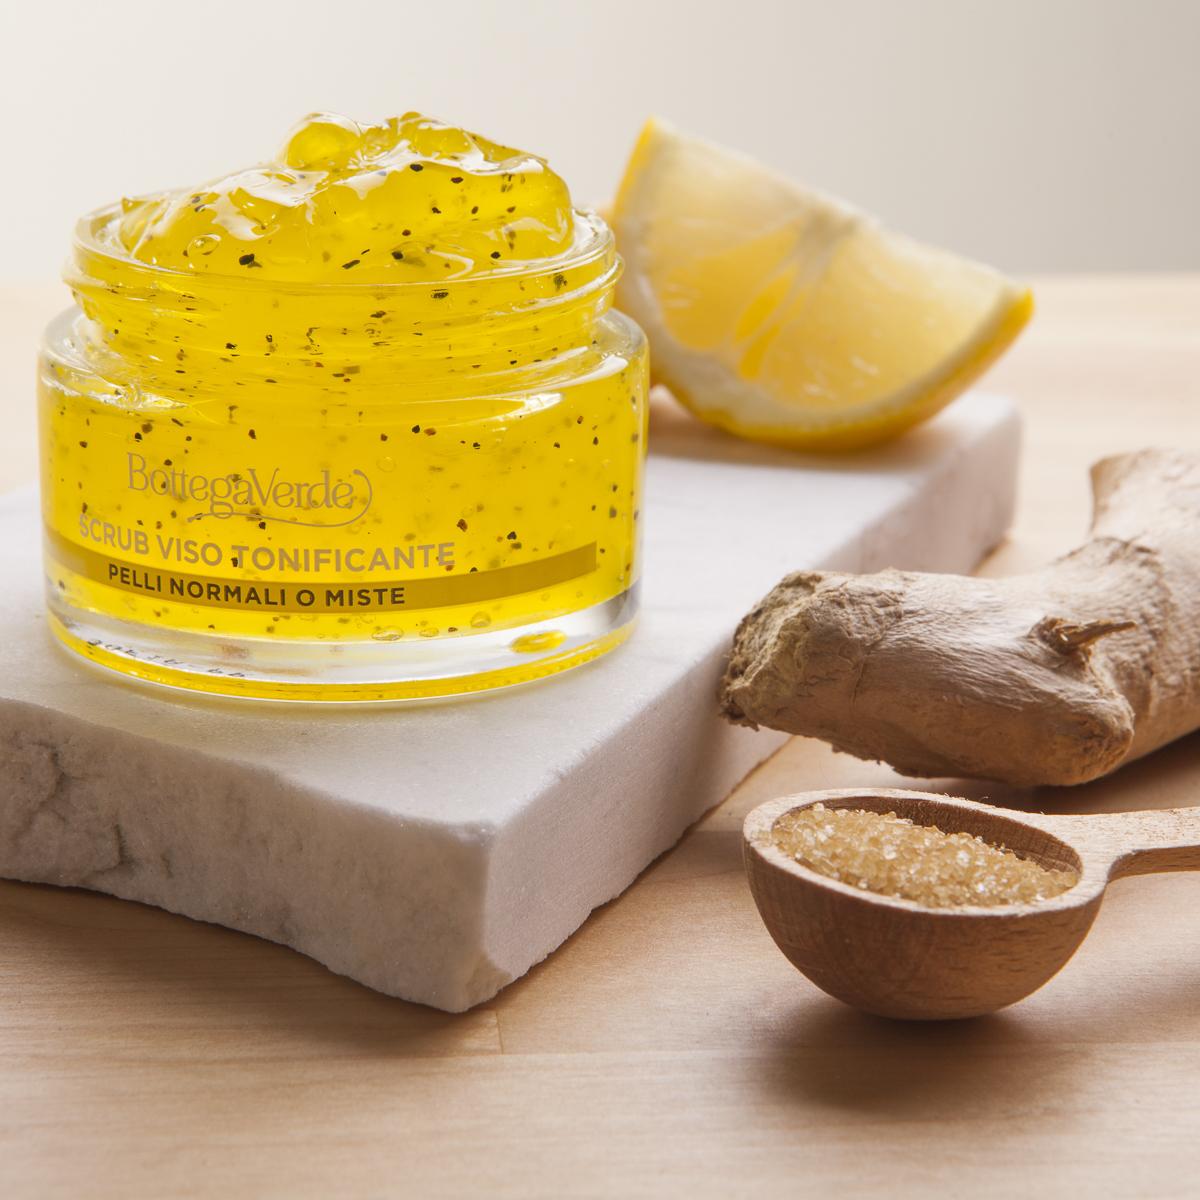 cosmetici zenzero limone foto per Instagram Bottega Verde